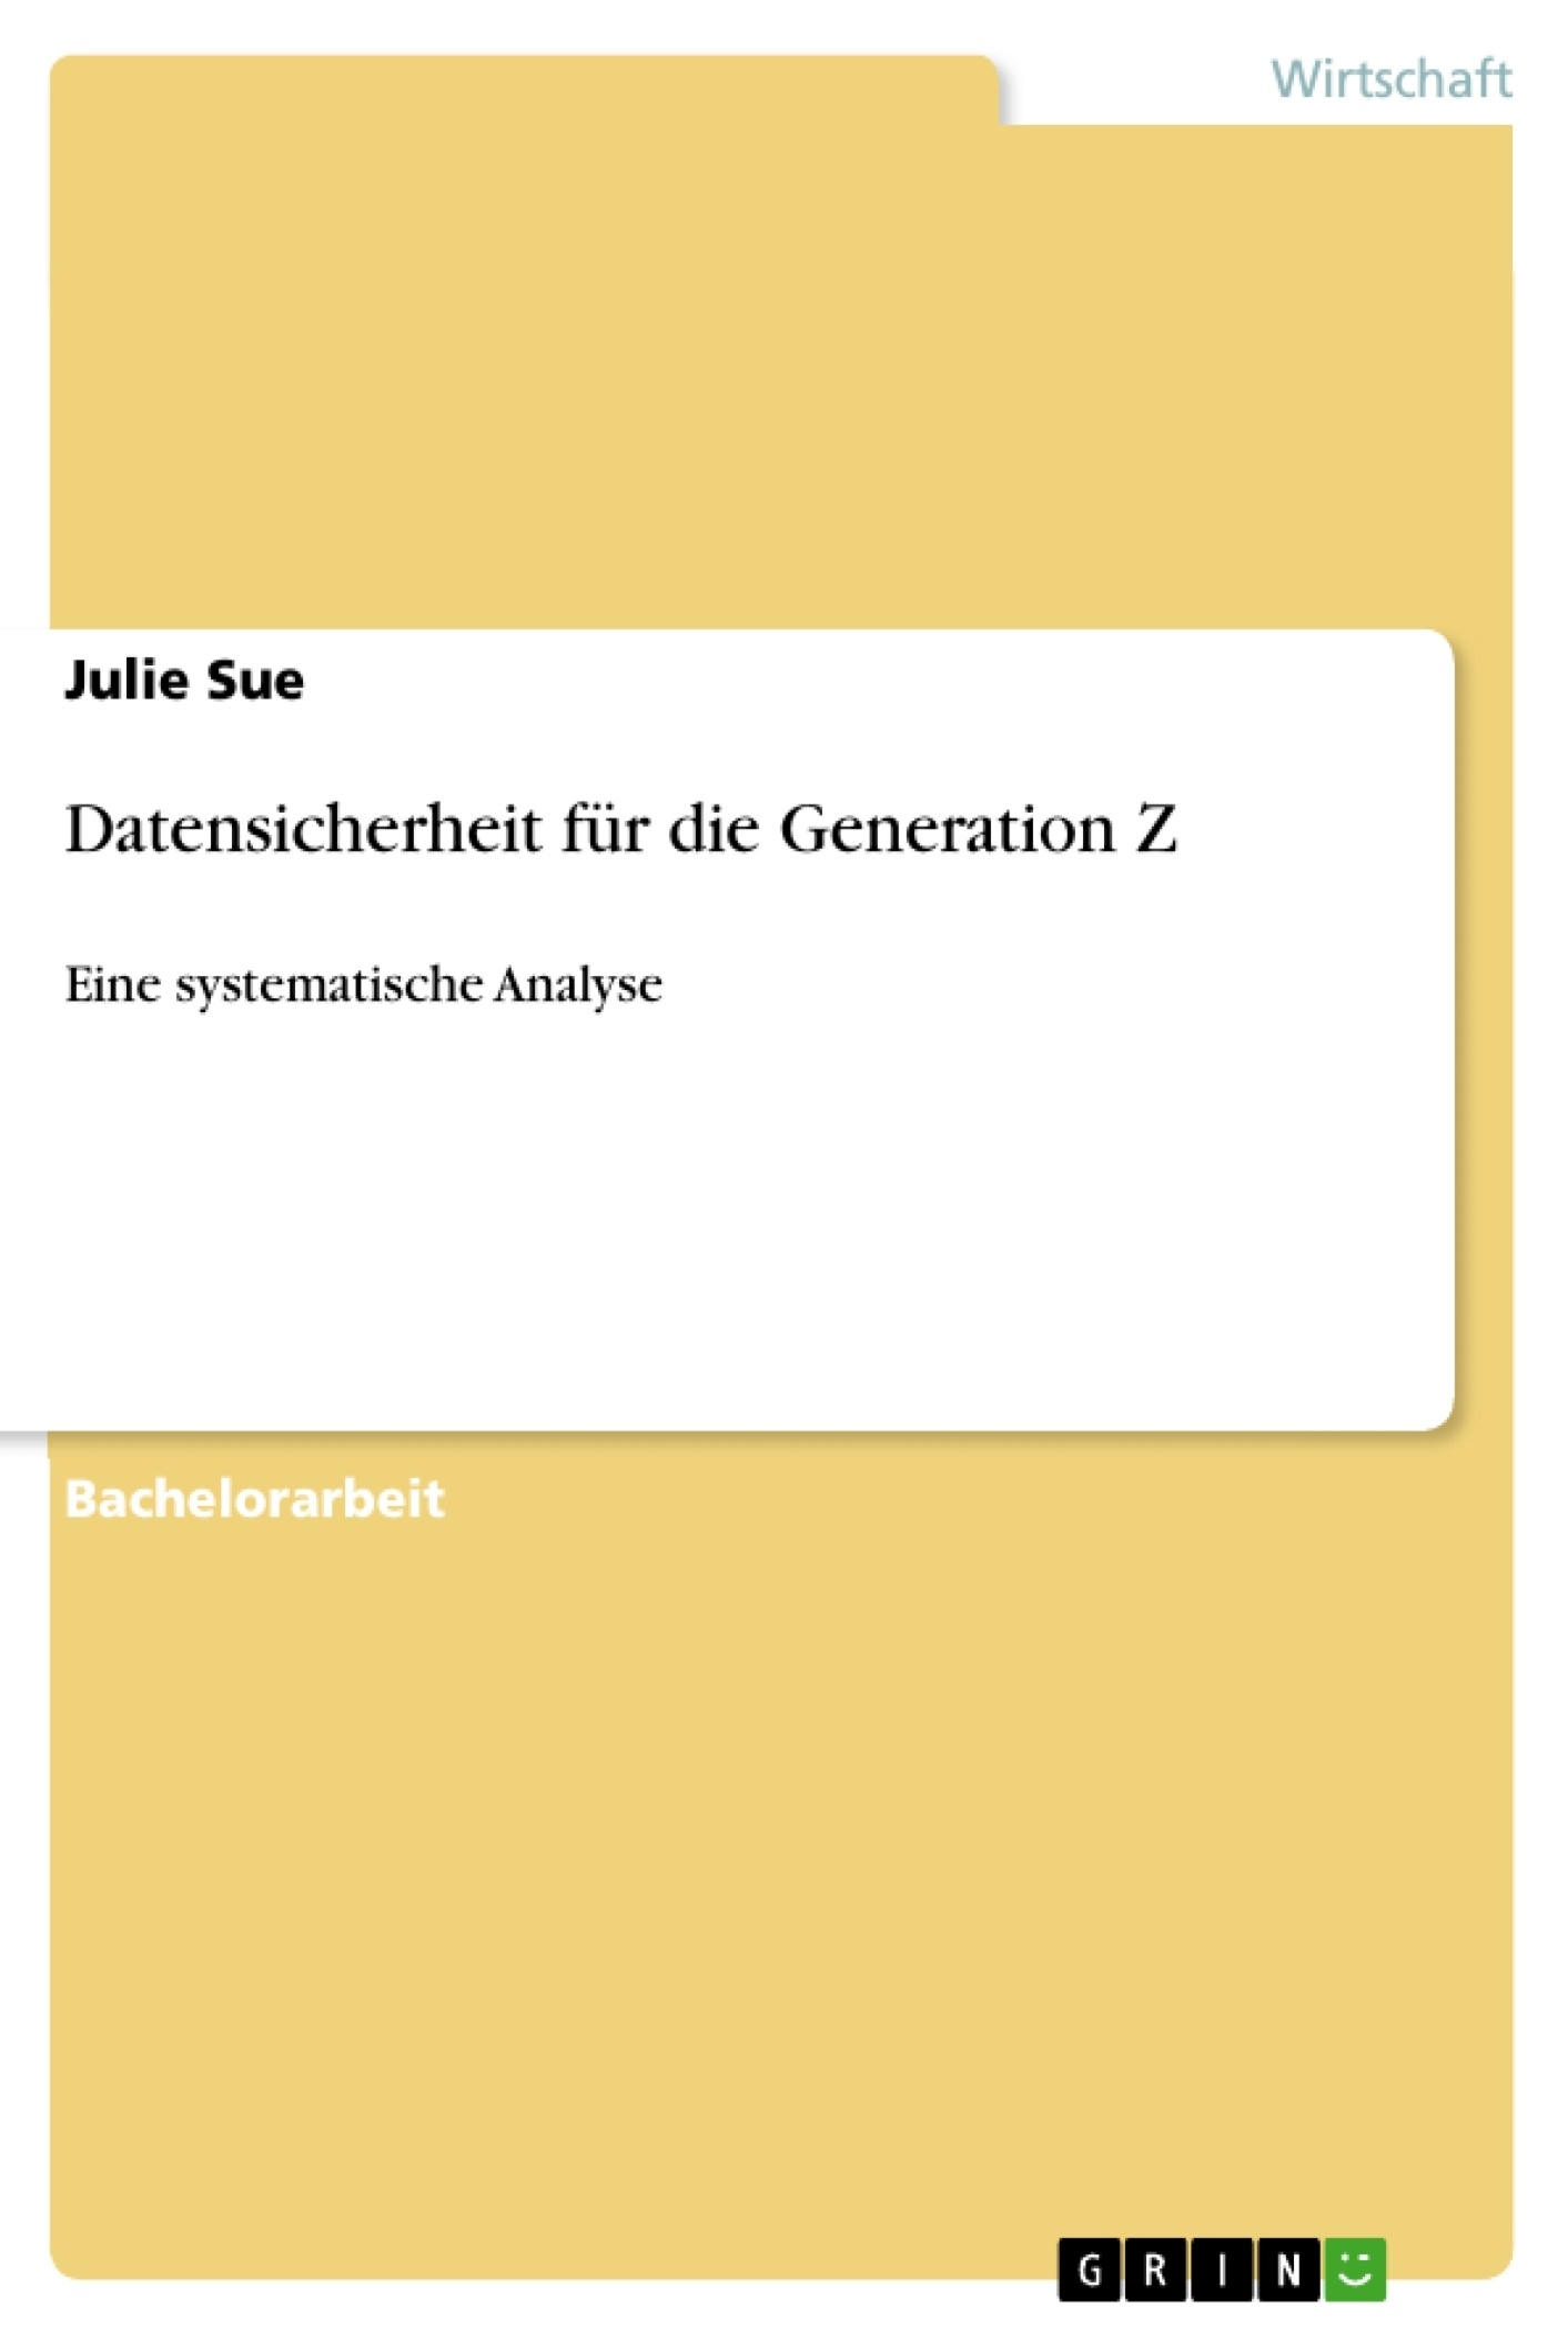 Titel: Datensicherheit für die Generation Z